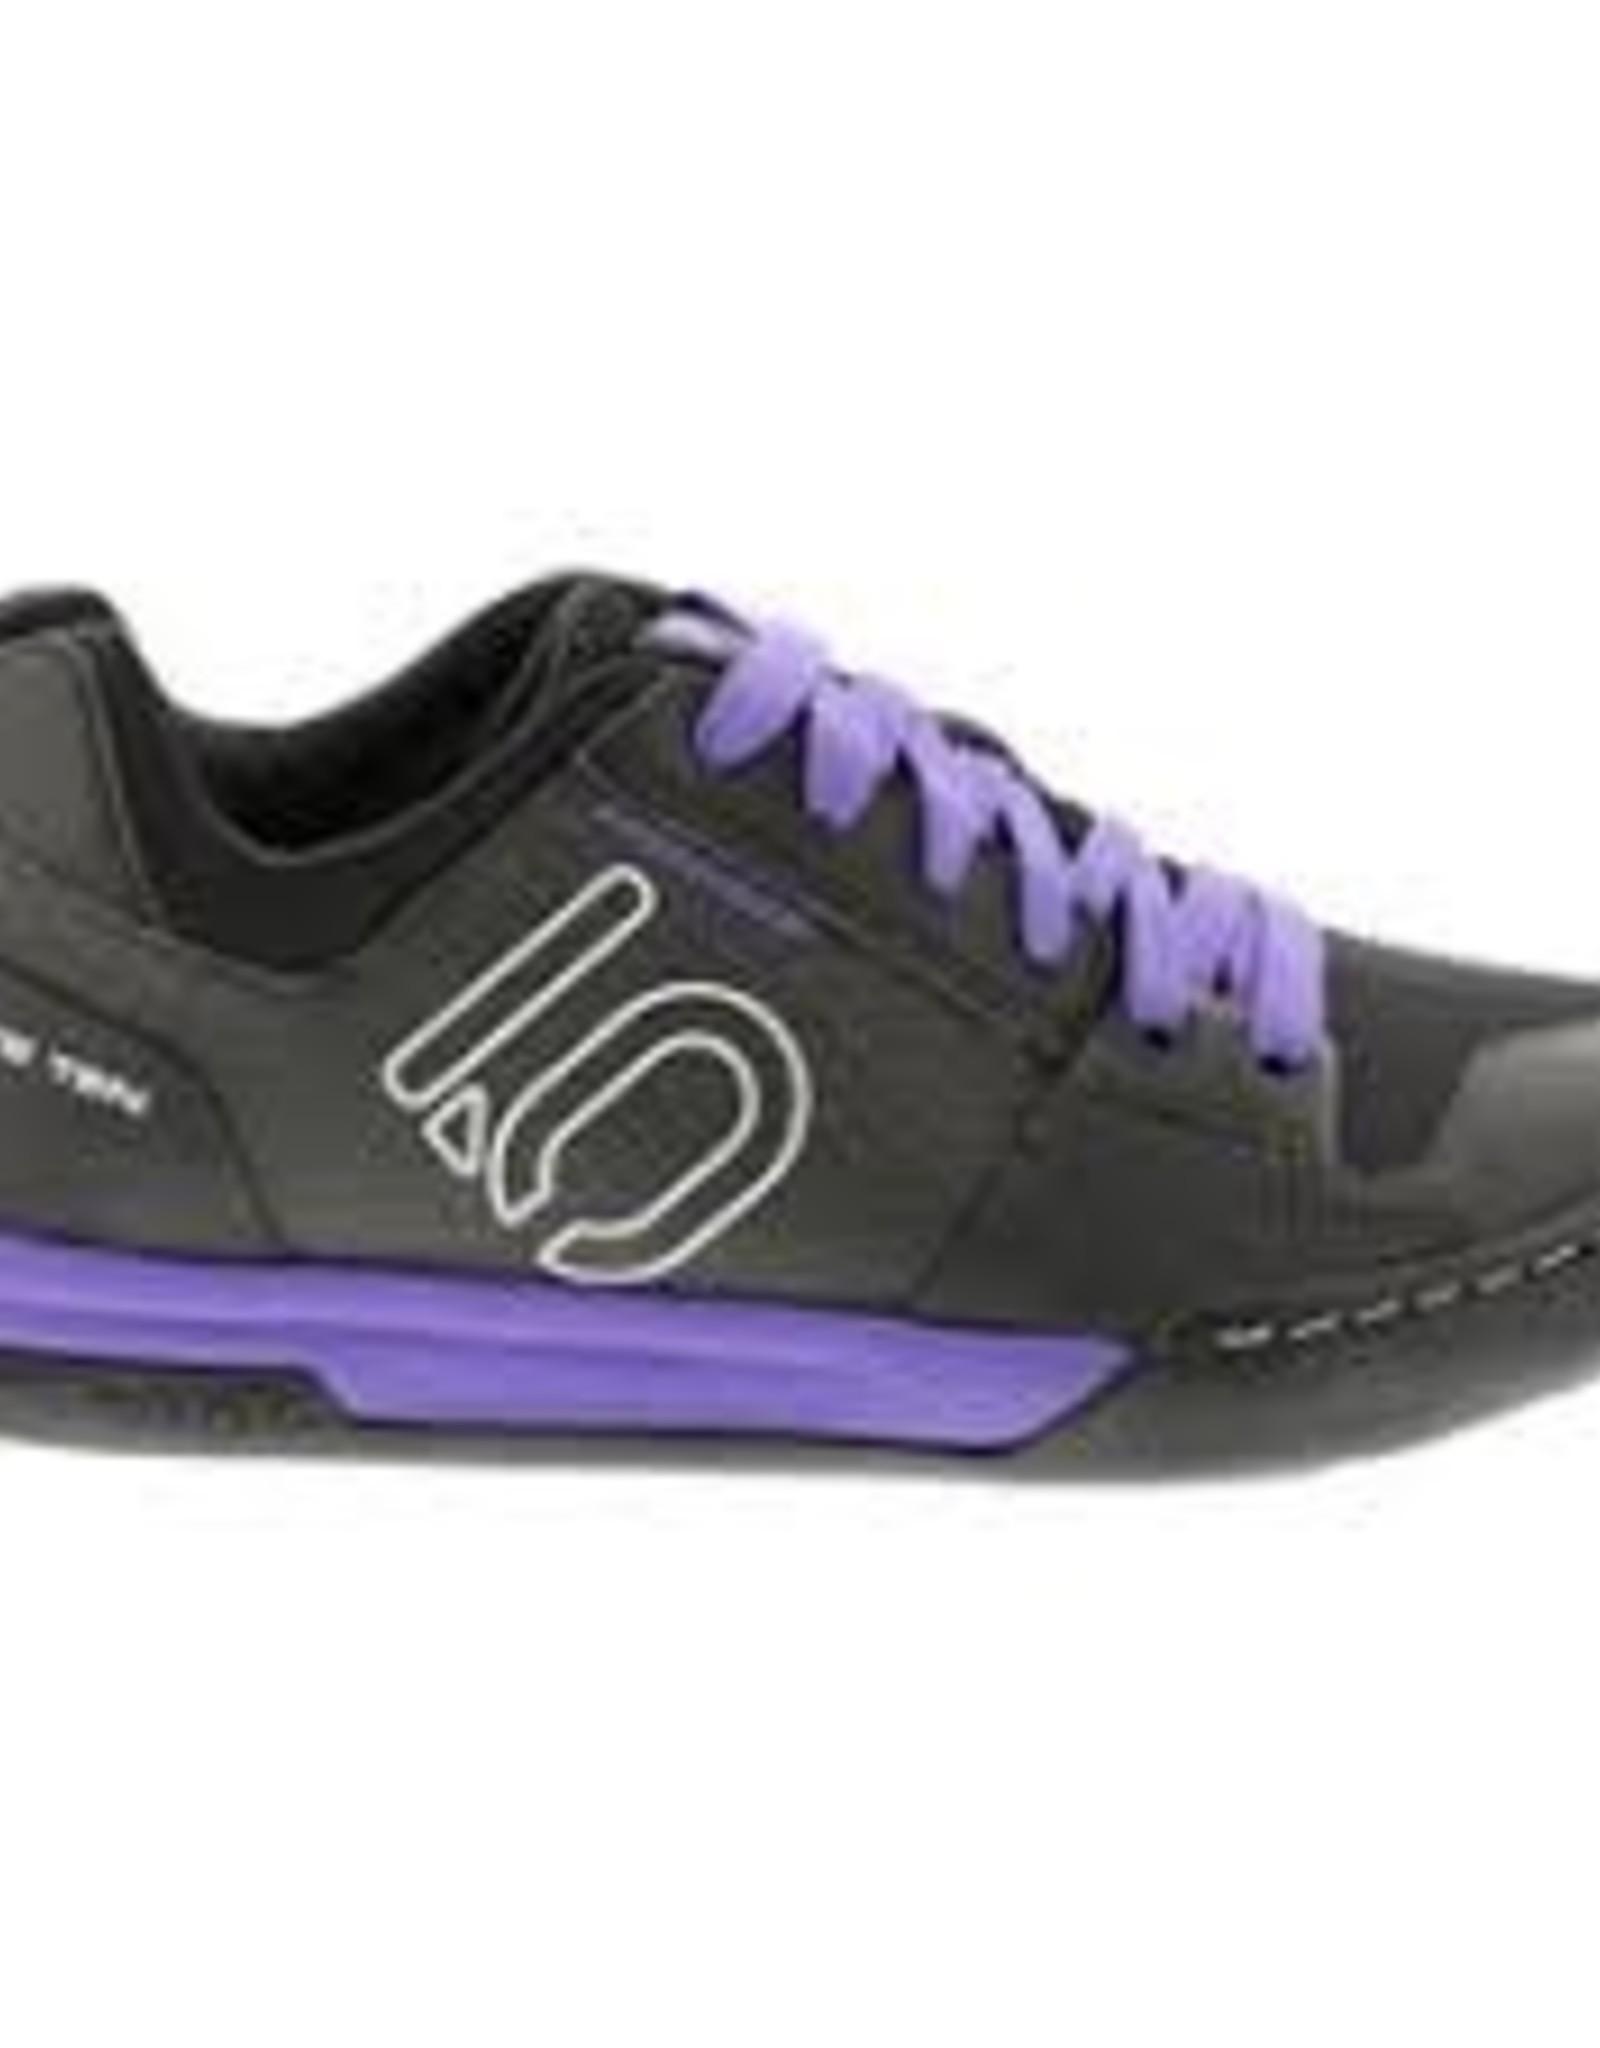 Five Ten FREERIDER CONTACT WOMEN- Flat Purple  10.5